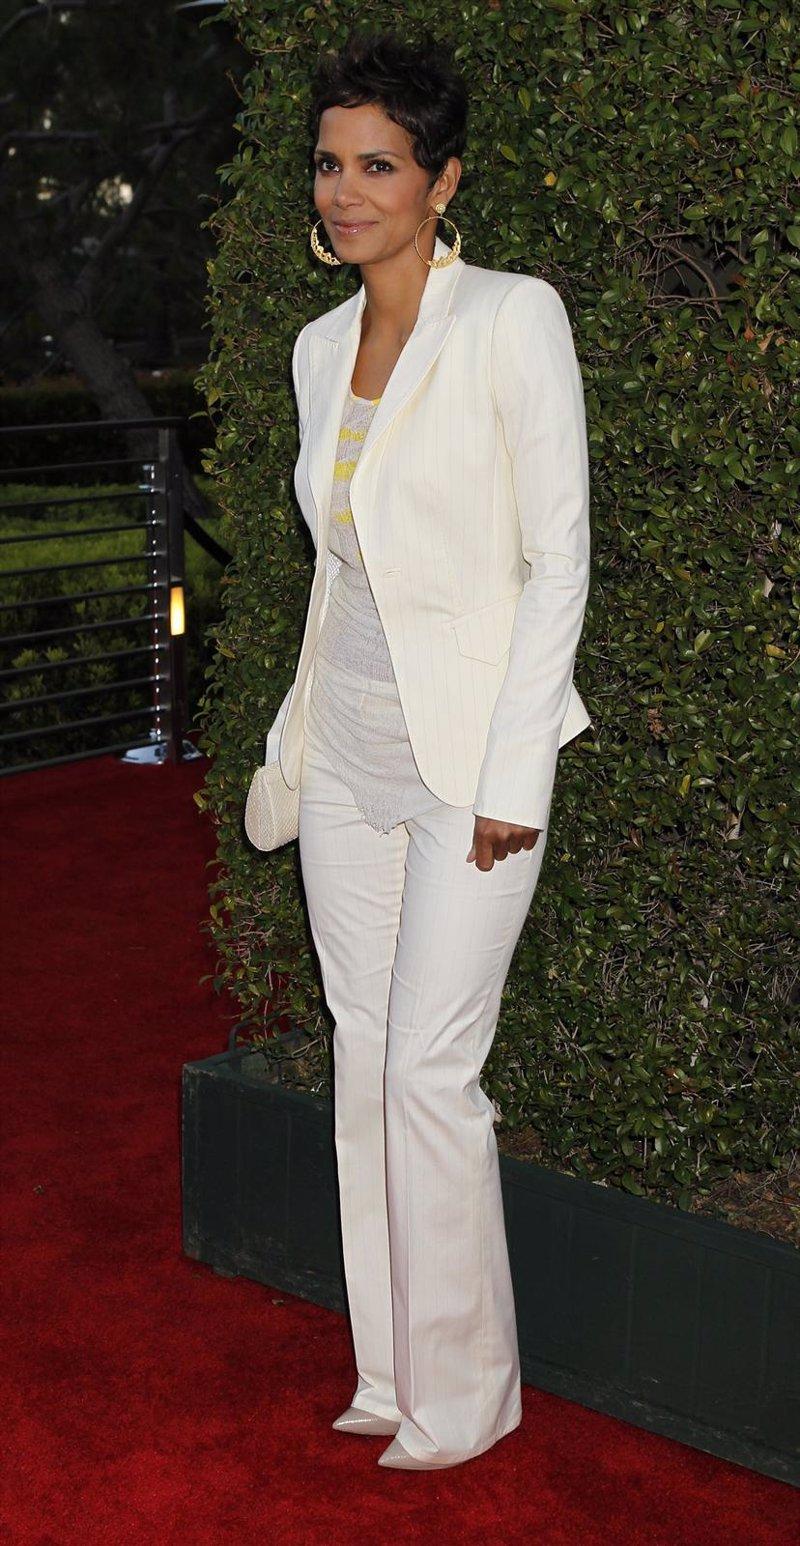 La boda de Halle Berry